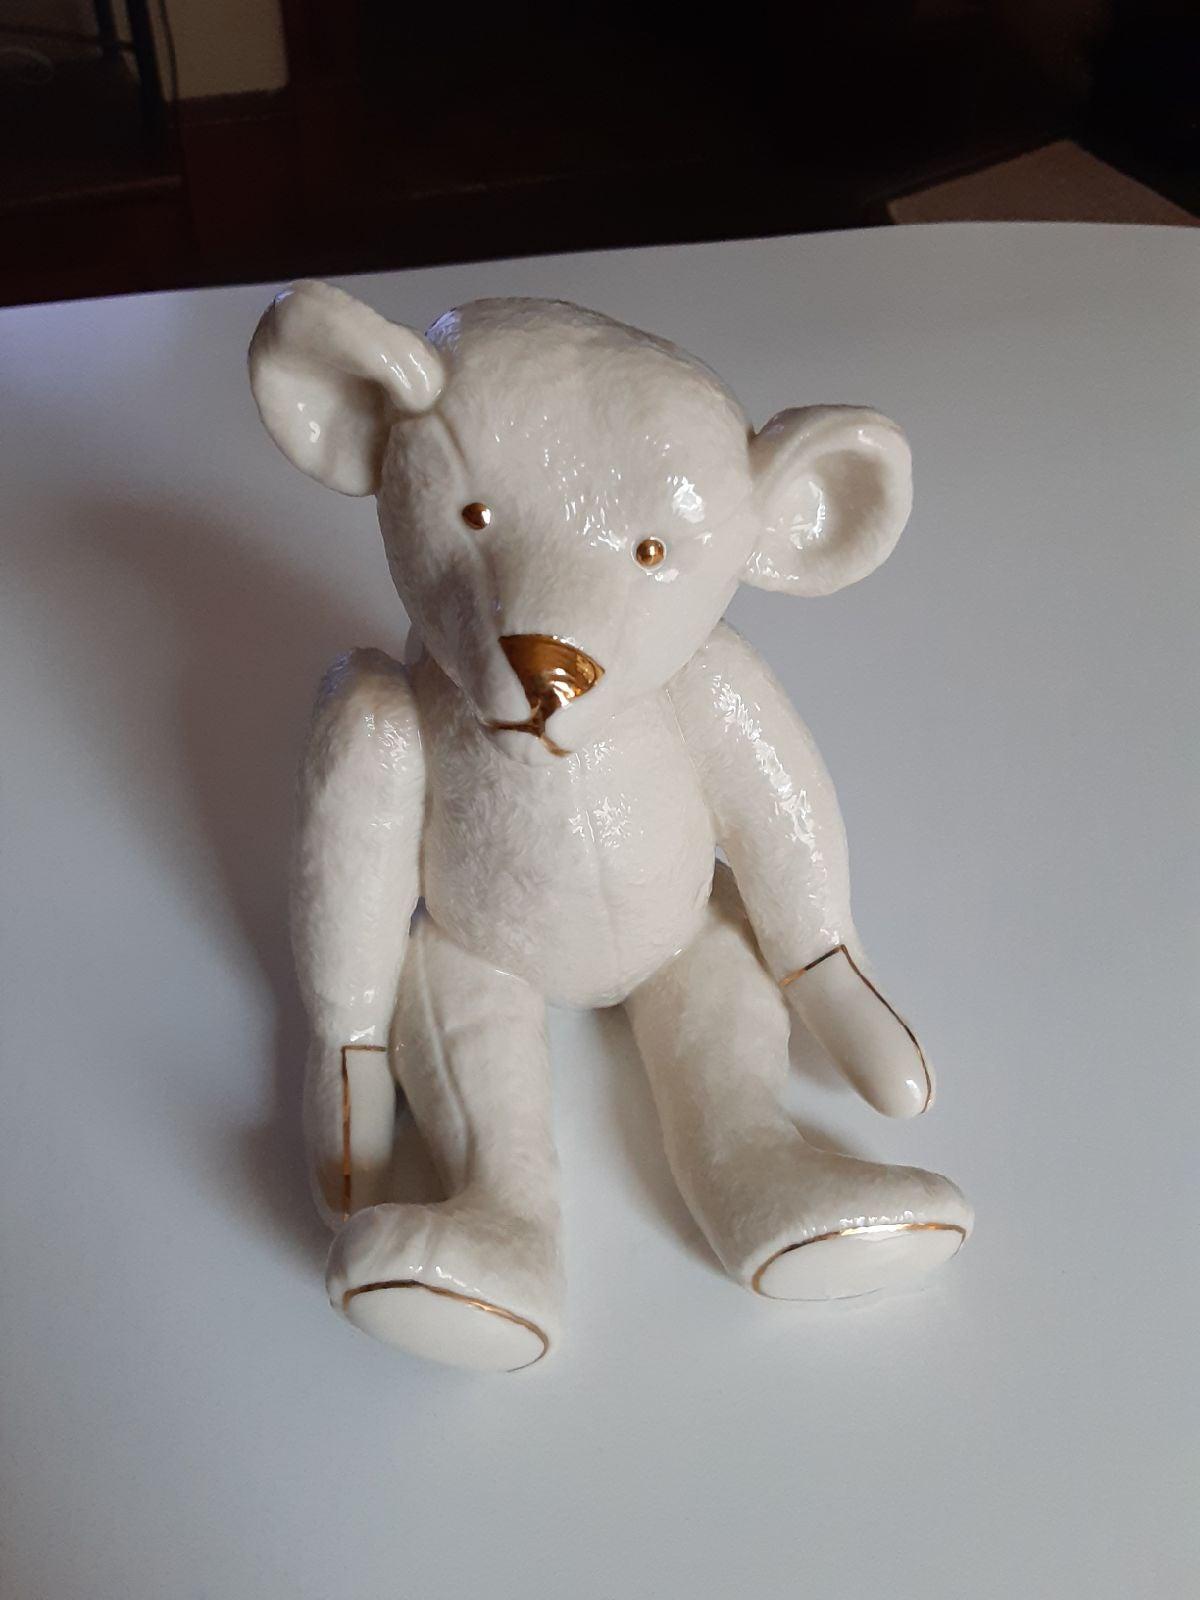 Lenox centennial teddy bear